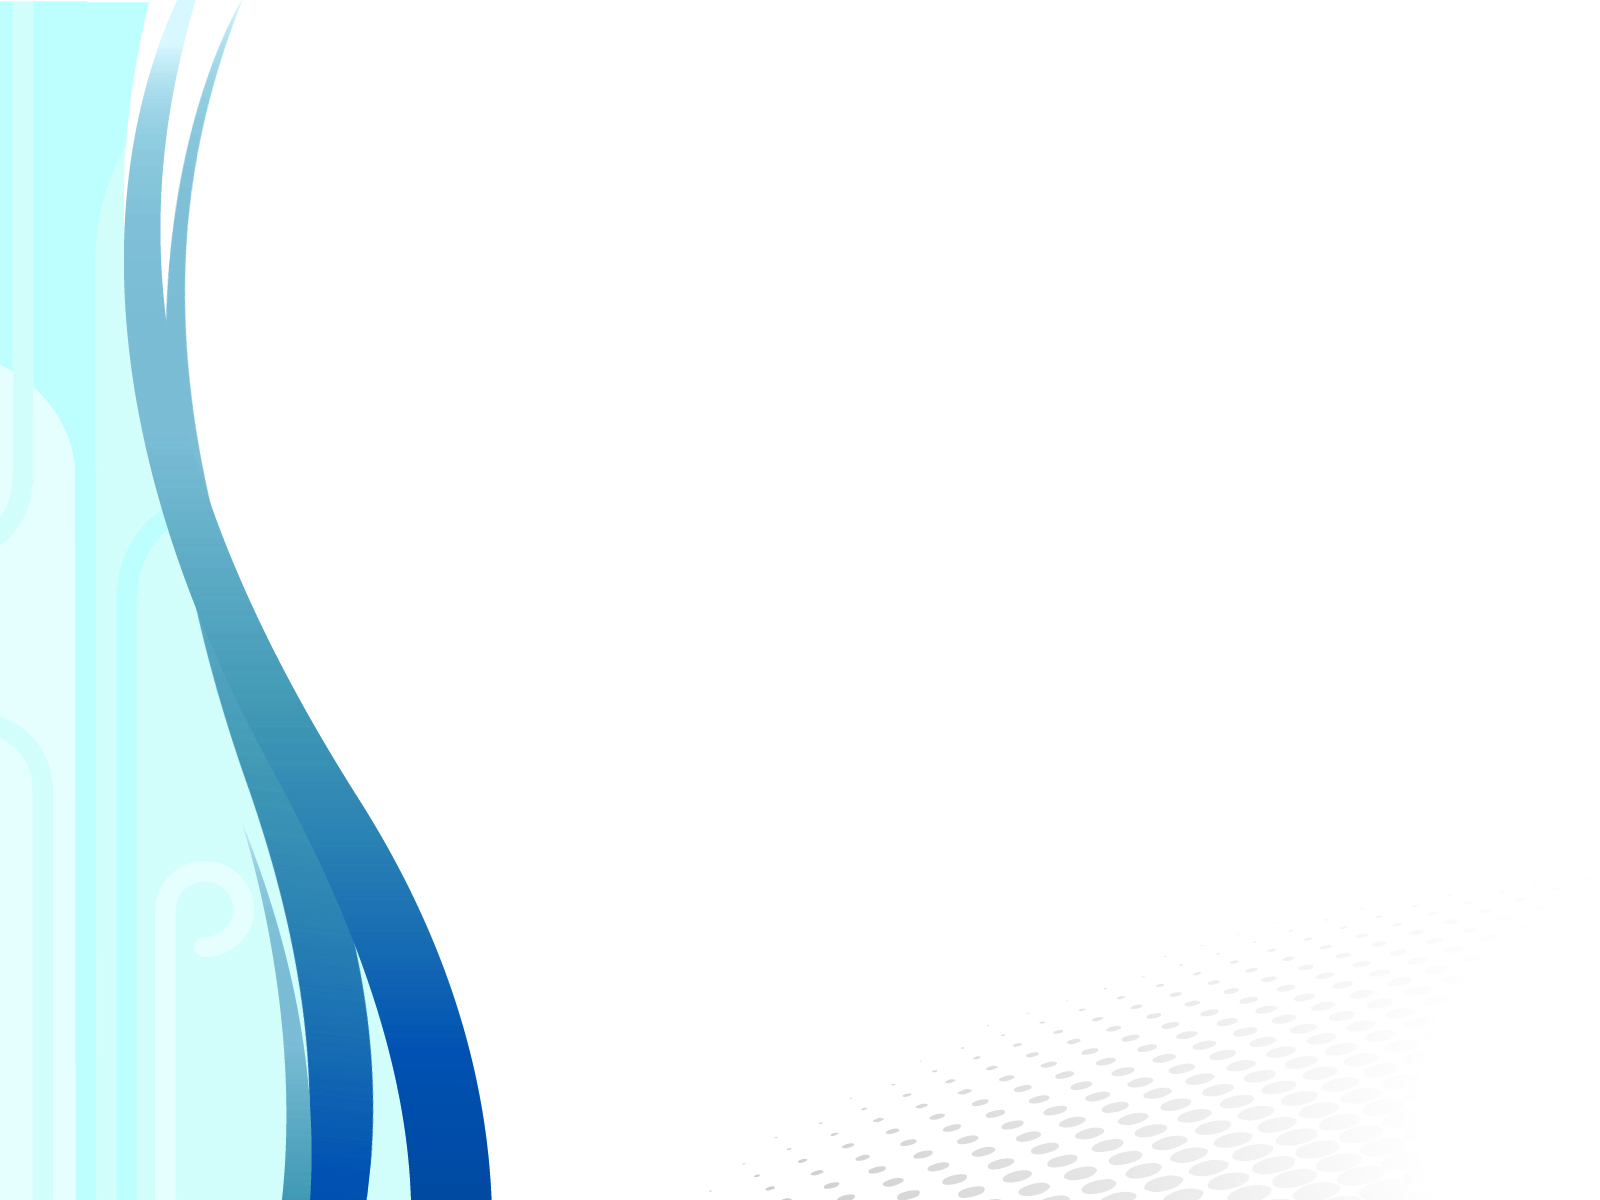 Hình nền Powerpoint sáng xanh cực đẹp 2